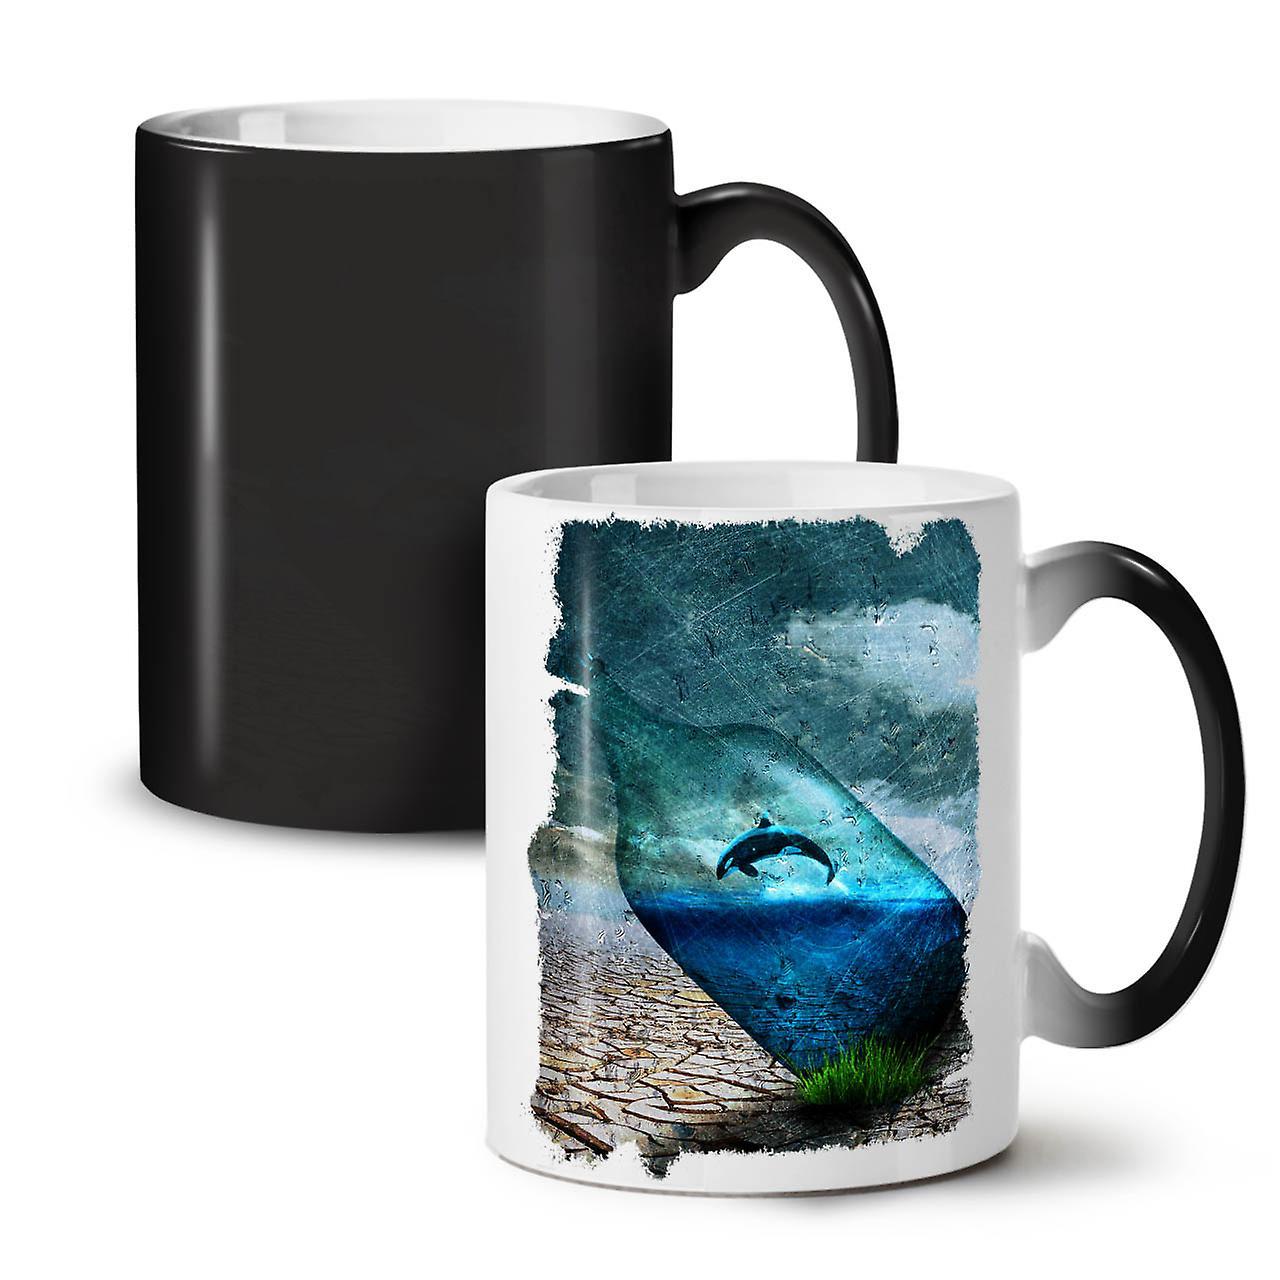 Thé Céramique Couleur OzWellcoda Bouteille Orca Noir 11 Tasse Nouvelle Changeant Nature Café tsBhxrdQC